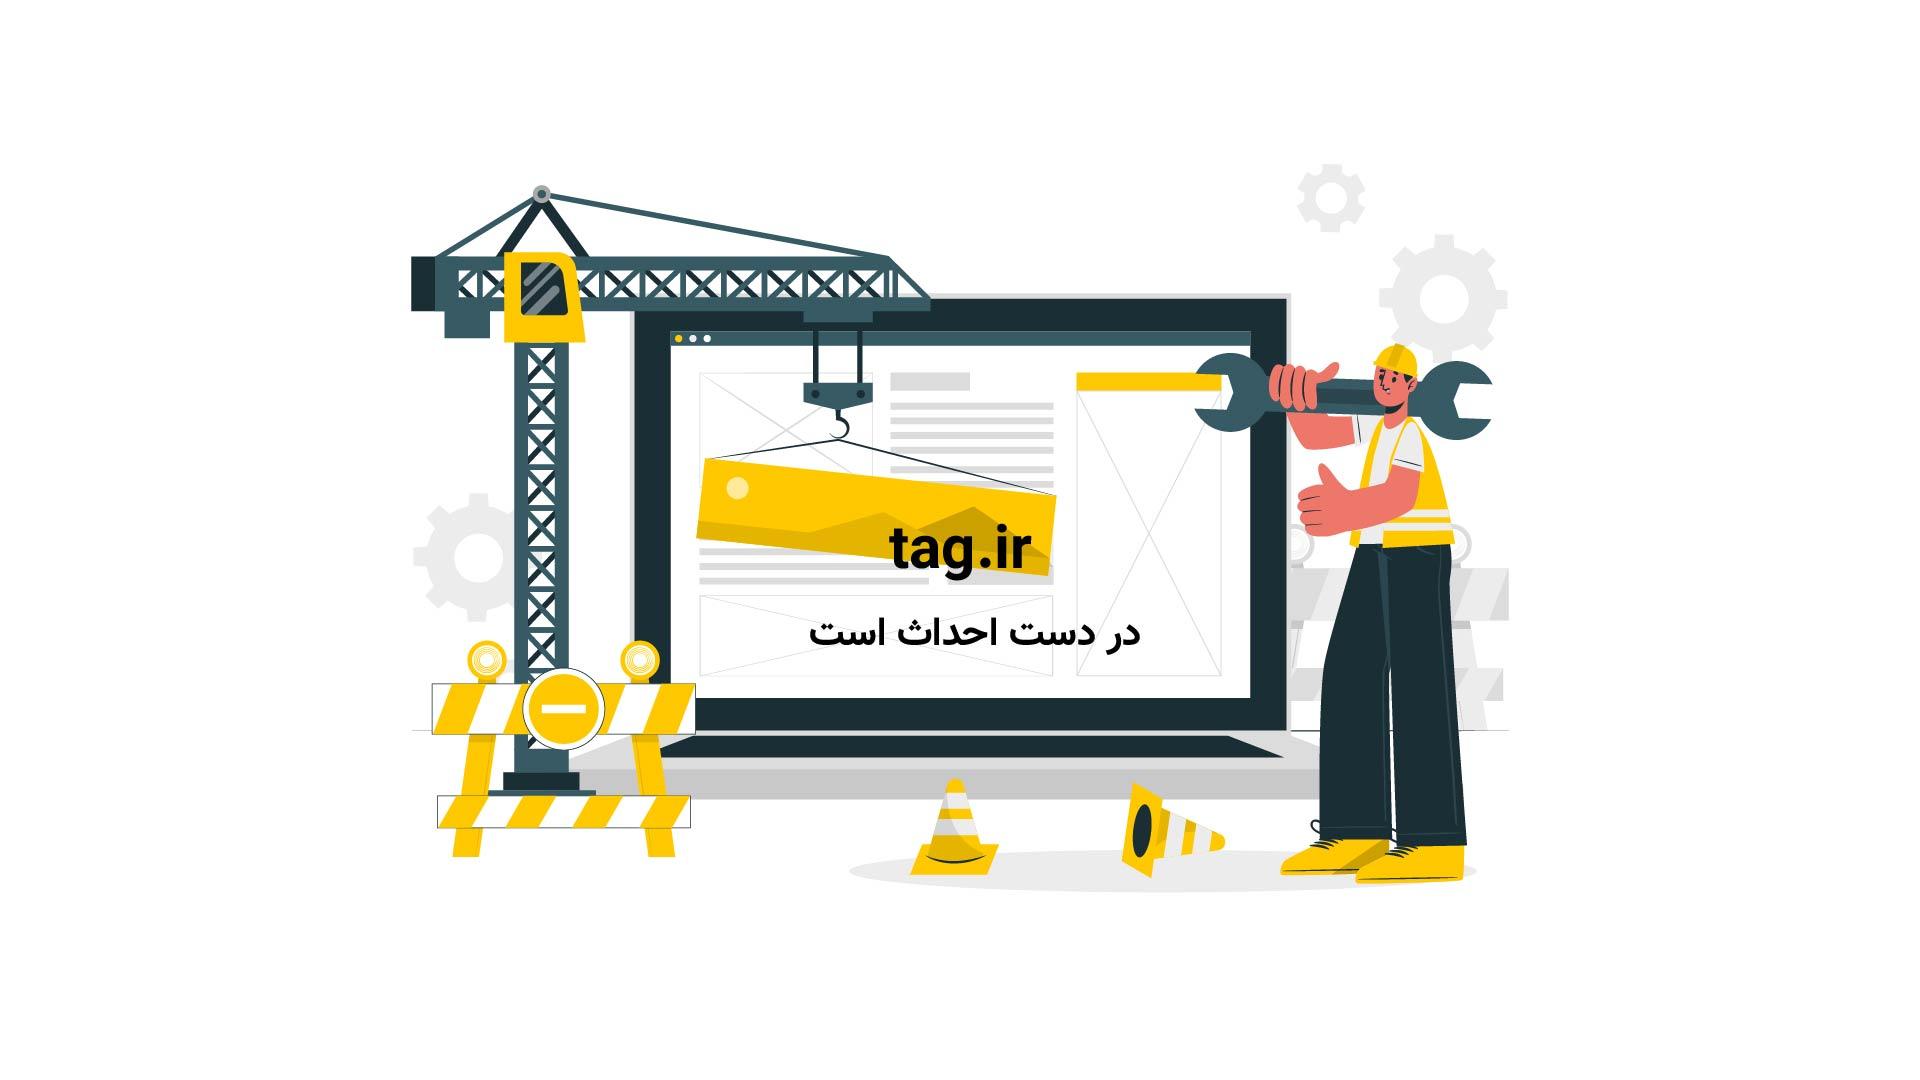 واکنش مهمان برنامه زنده تلویزیون کرمان، هنگام وقوع زلزله امروز | فیلم